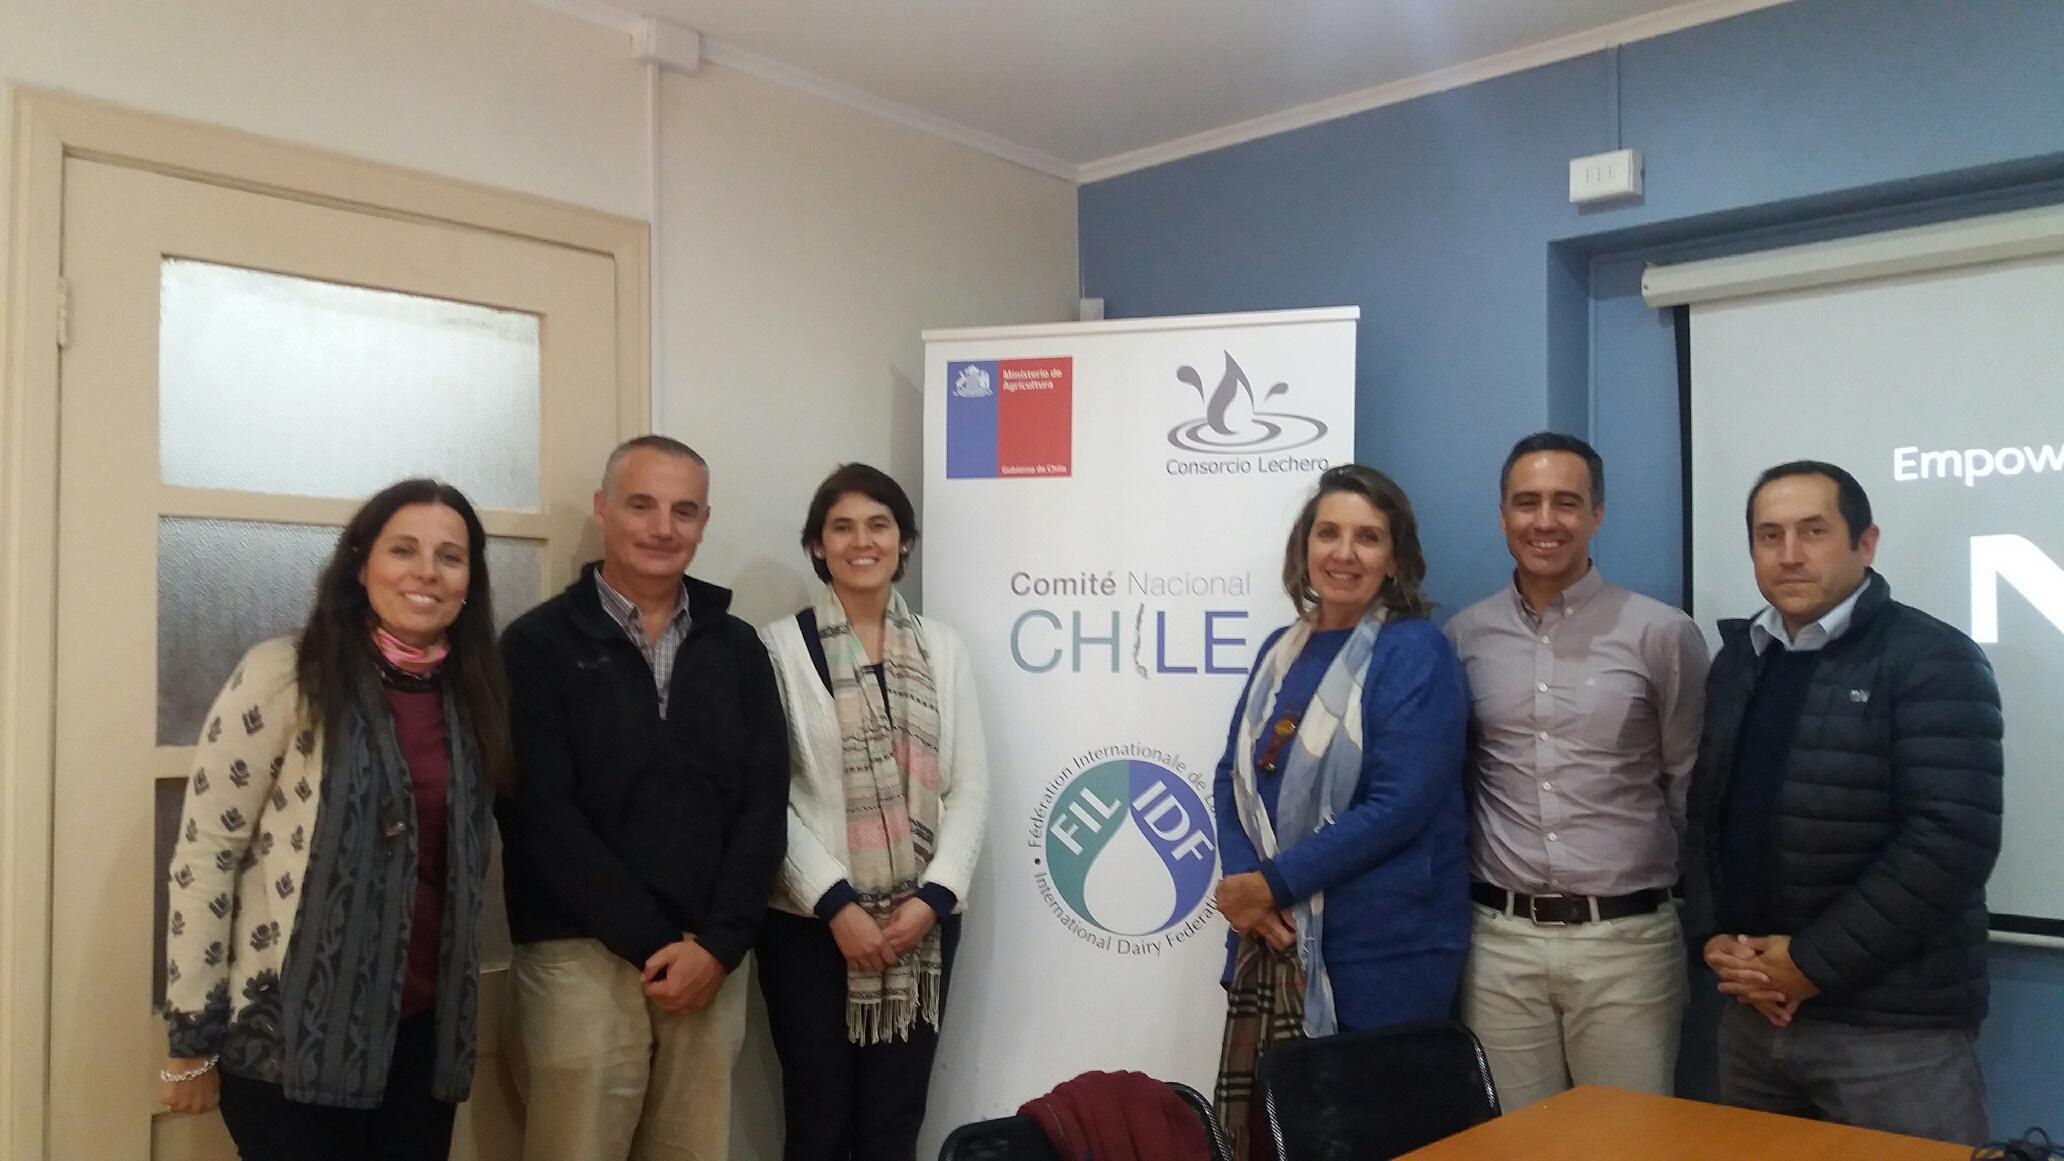 Científicos de Red Sudamericana se reunieron con Consorcio Lechero